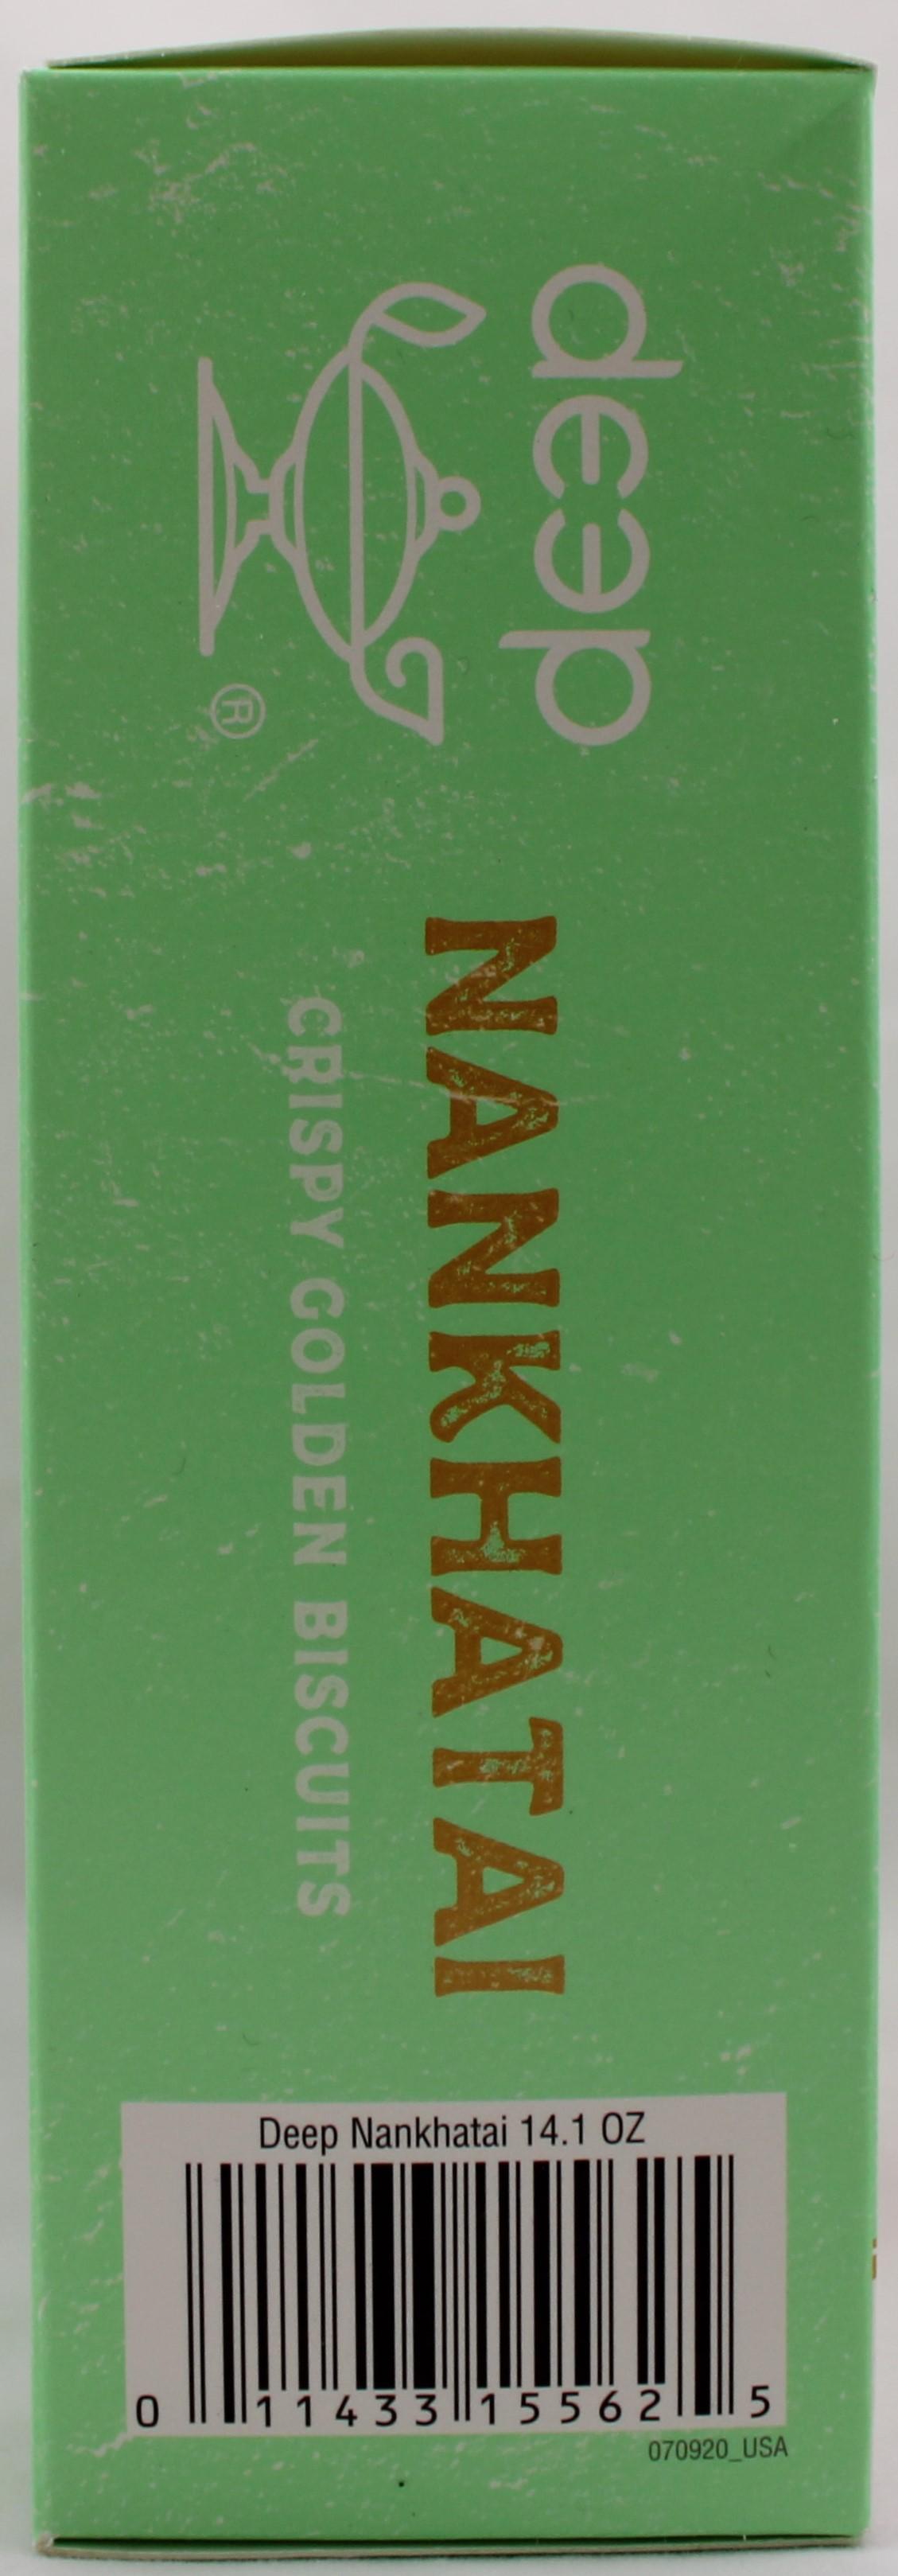 Nankhatai 14.1oz